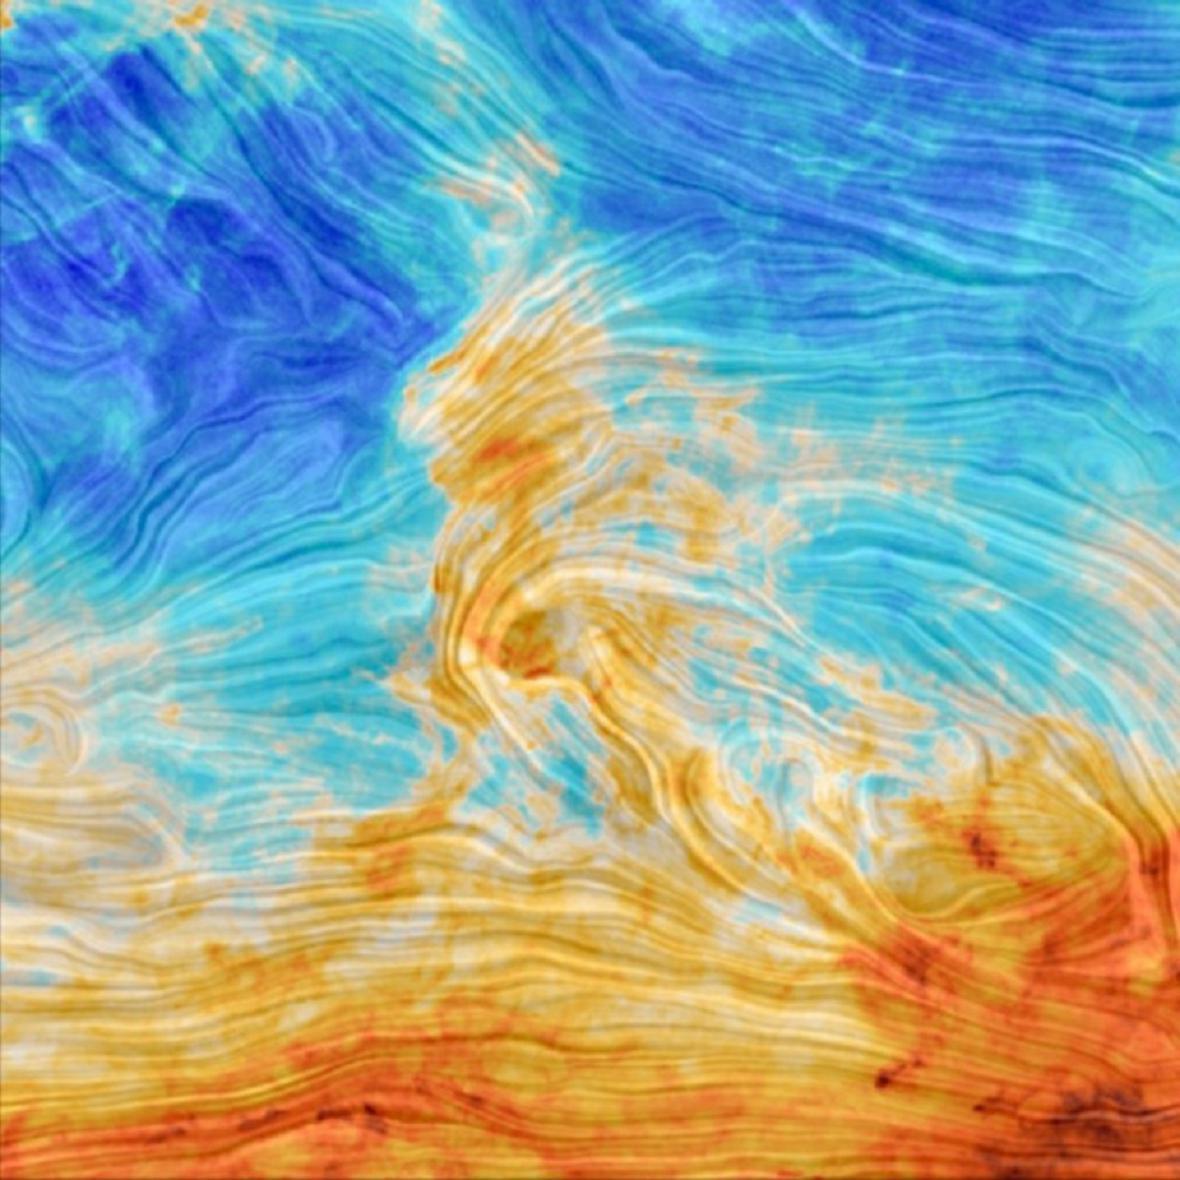 Nejlepší vesmírné fotky roku 2016 podle ESA